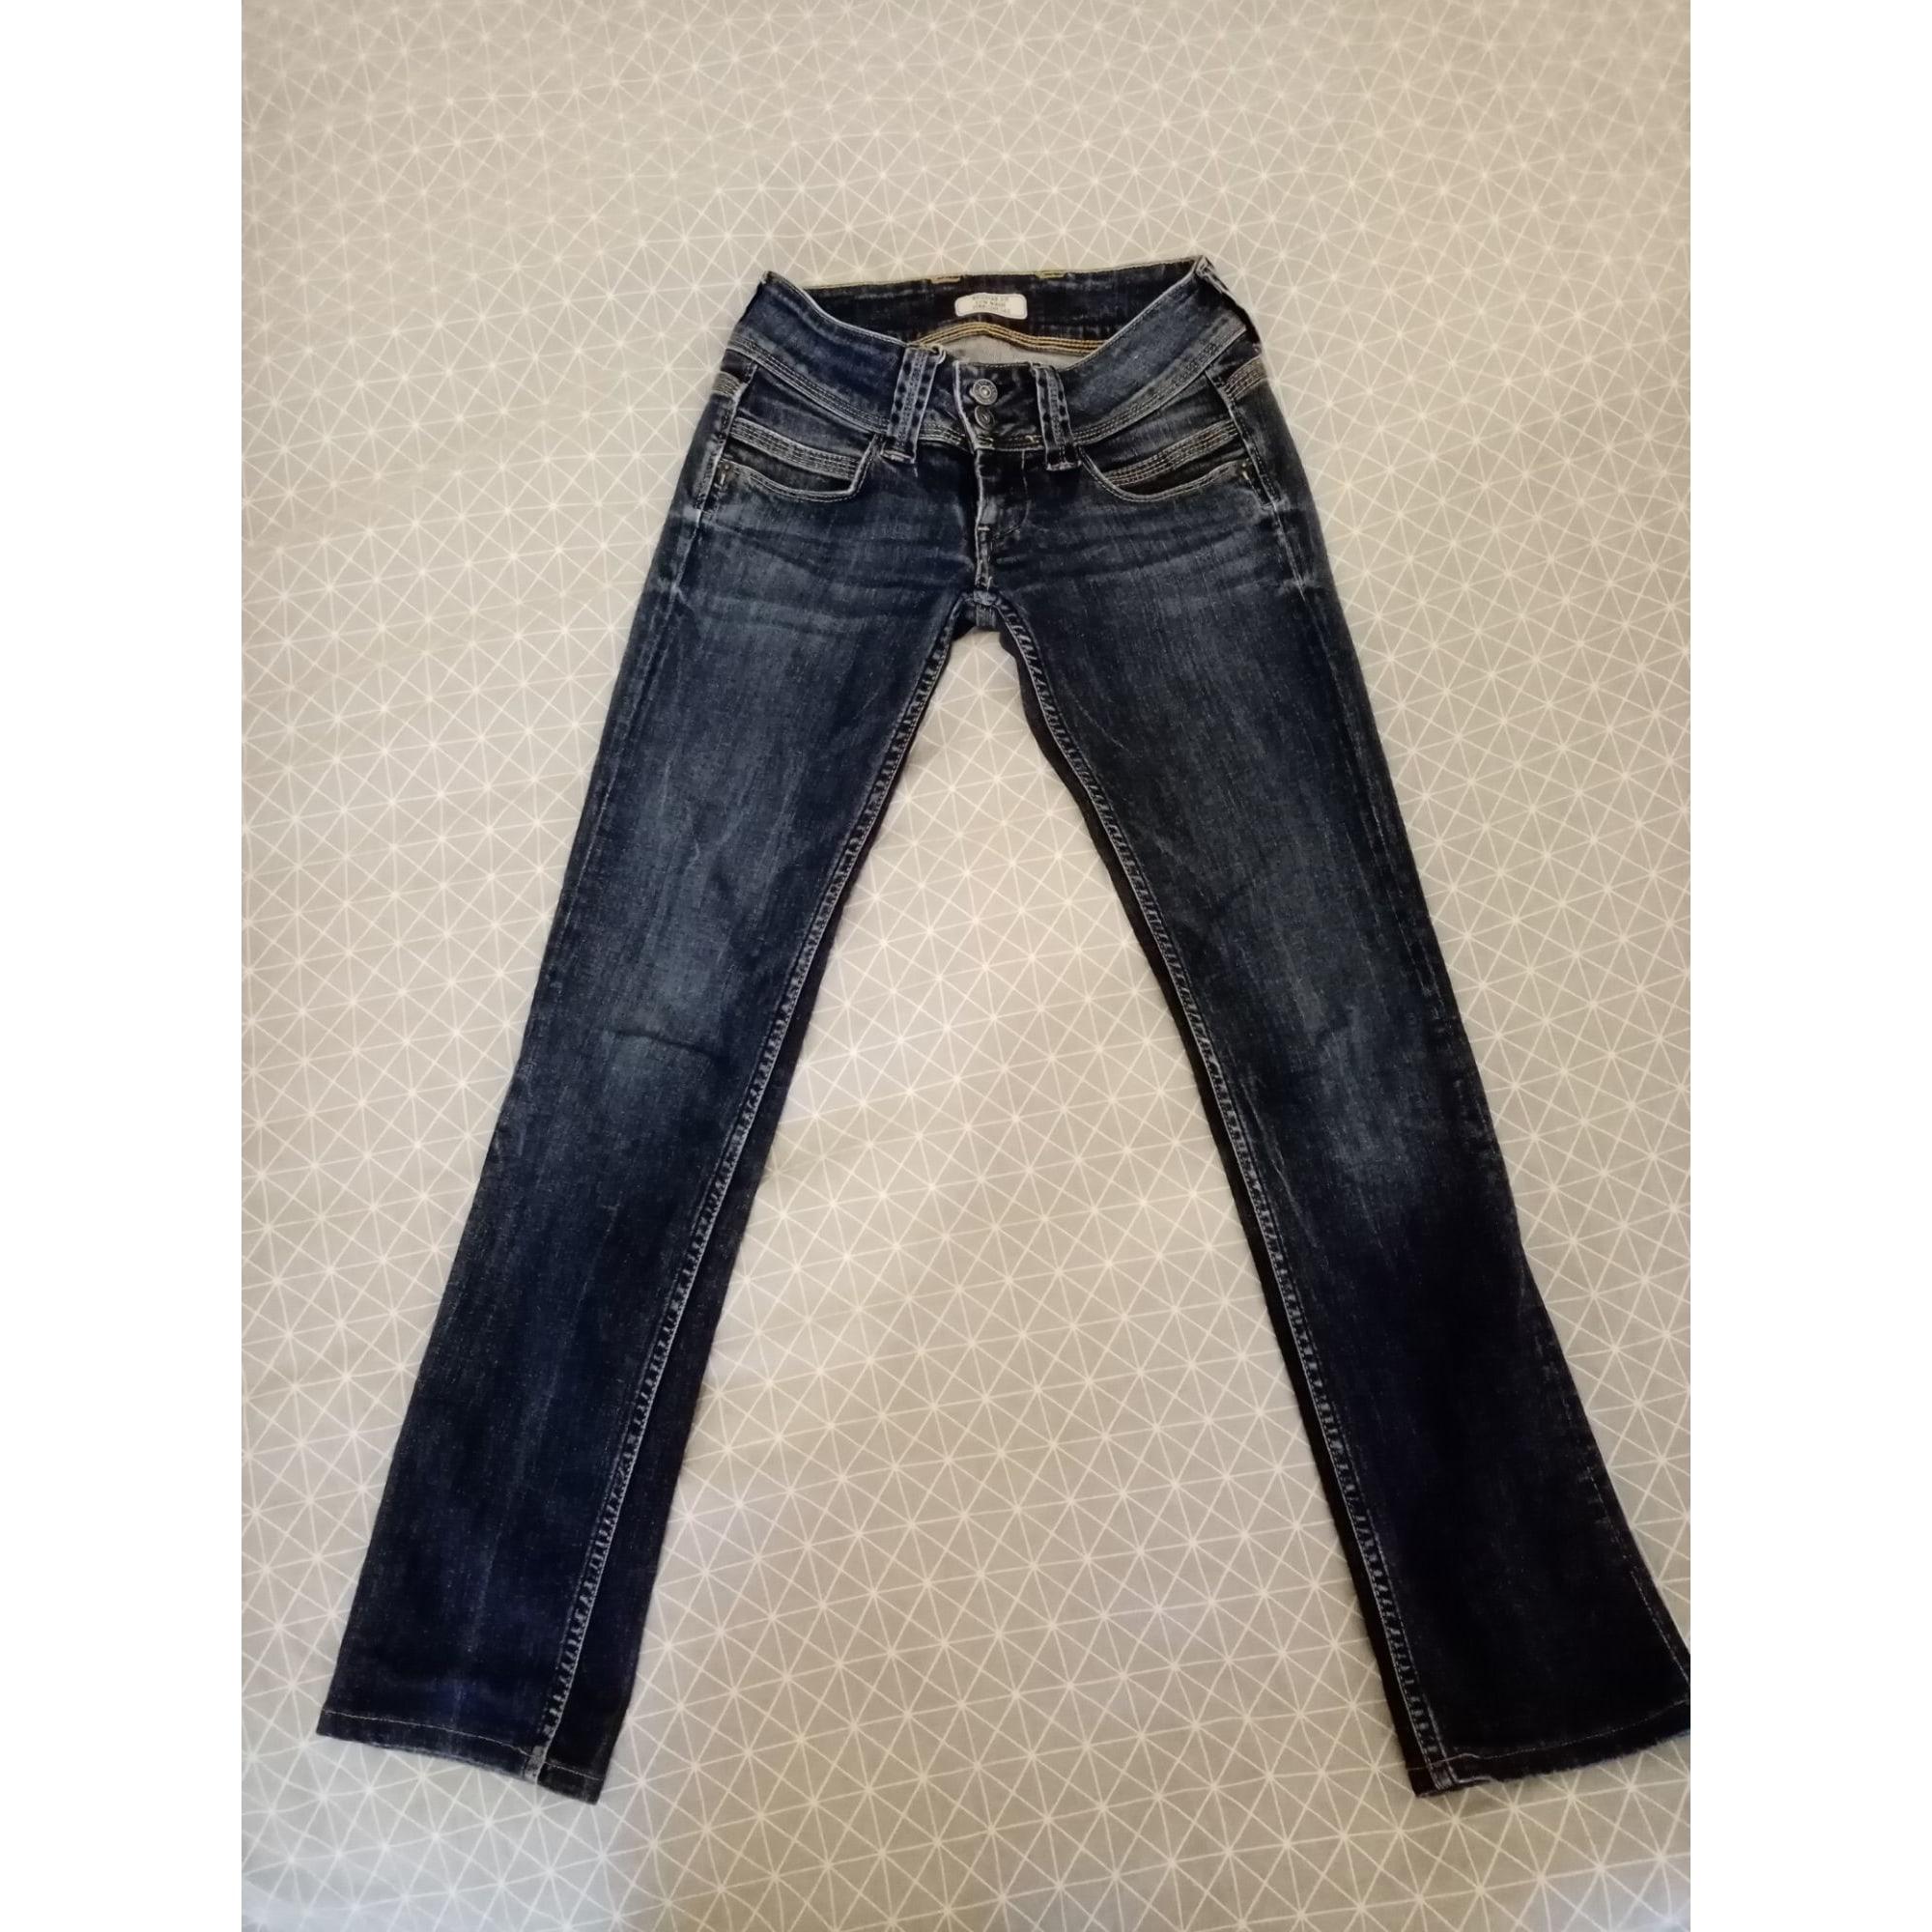 Straight-Cut Jeans  PEPE JEANS Blau, marineblau, türkisblau